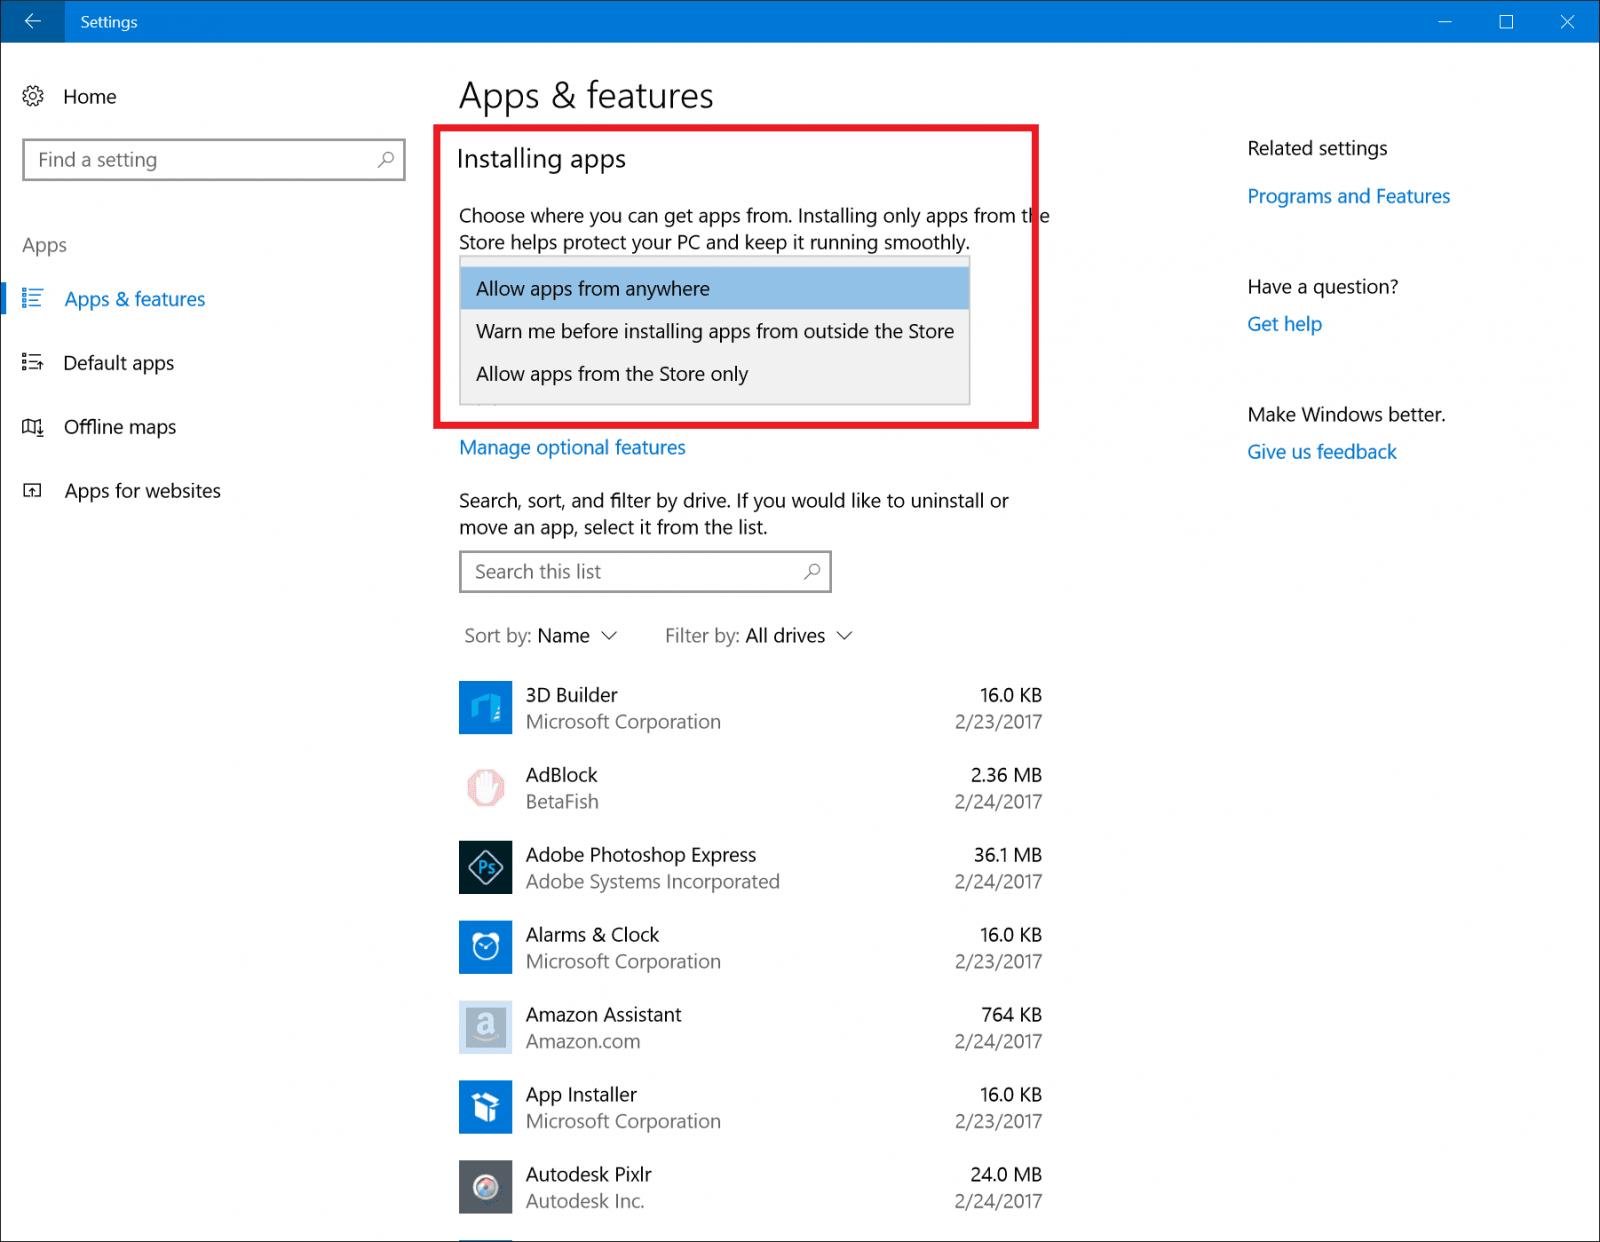 Windows Insider Build 15046 introduce el control de instalación de aplicaciones